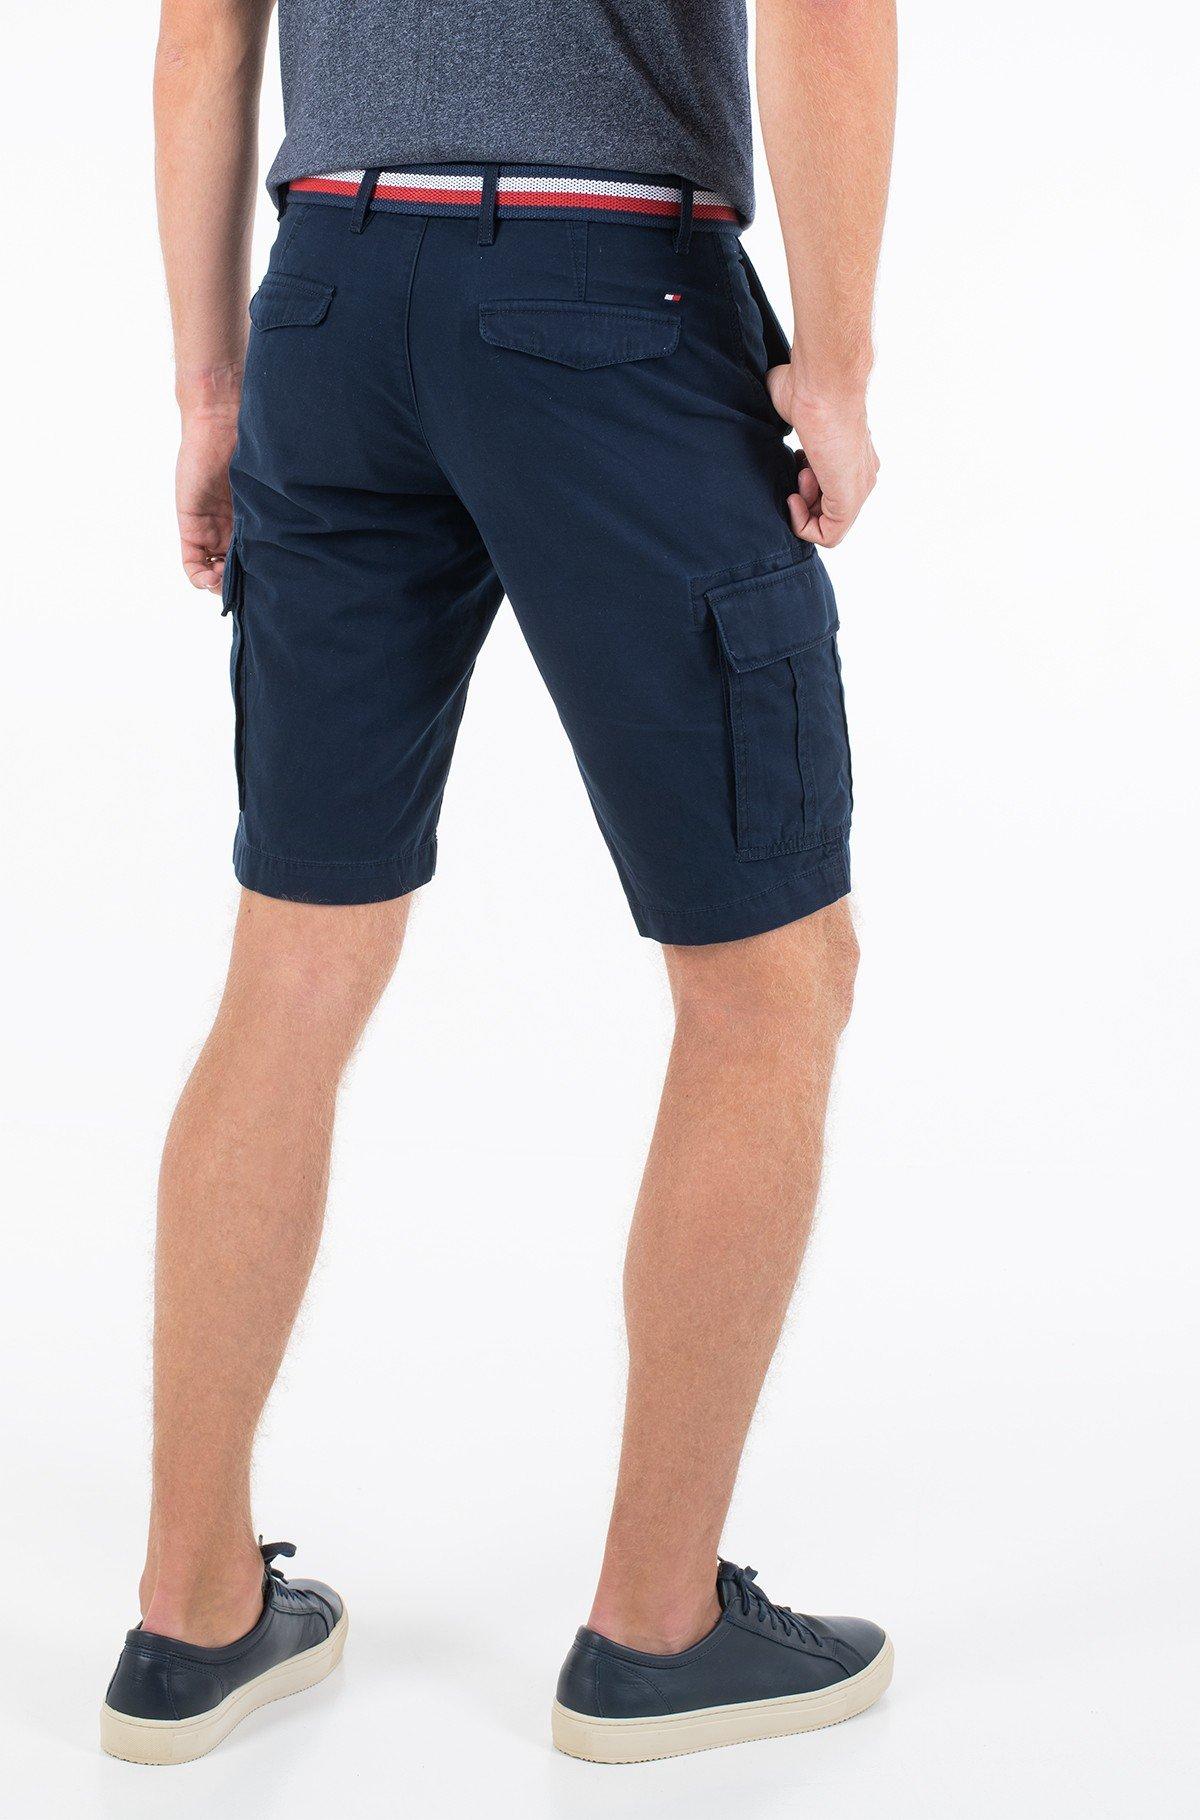 Shorts JOHN CARGO SHORT LIGHT TWILL-full-2